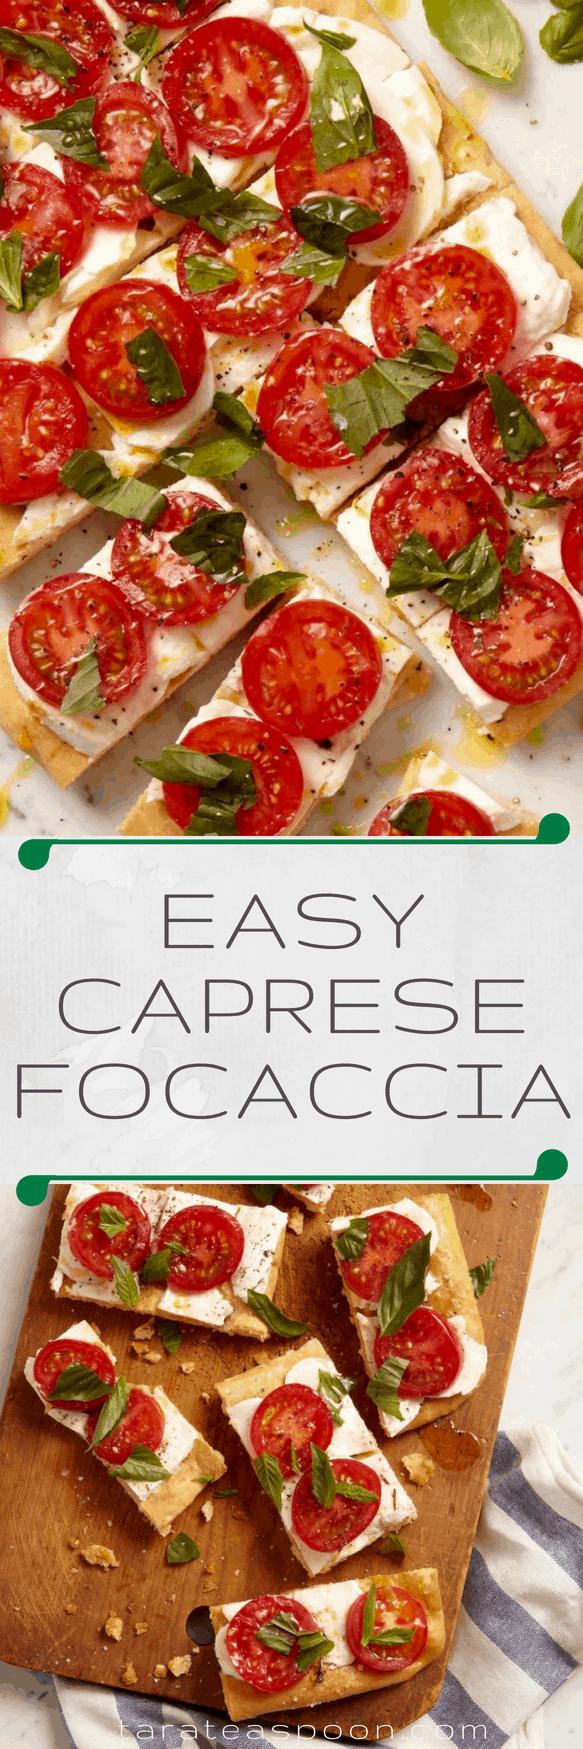 Healthy Italian pizza recipe